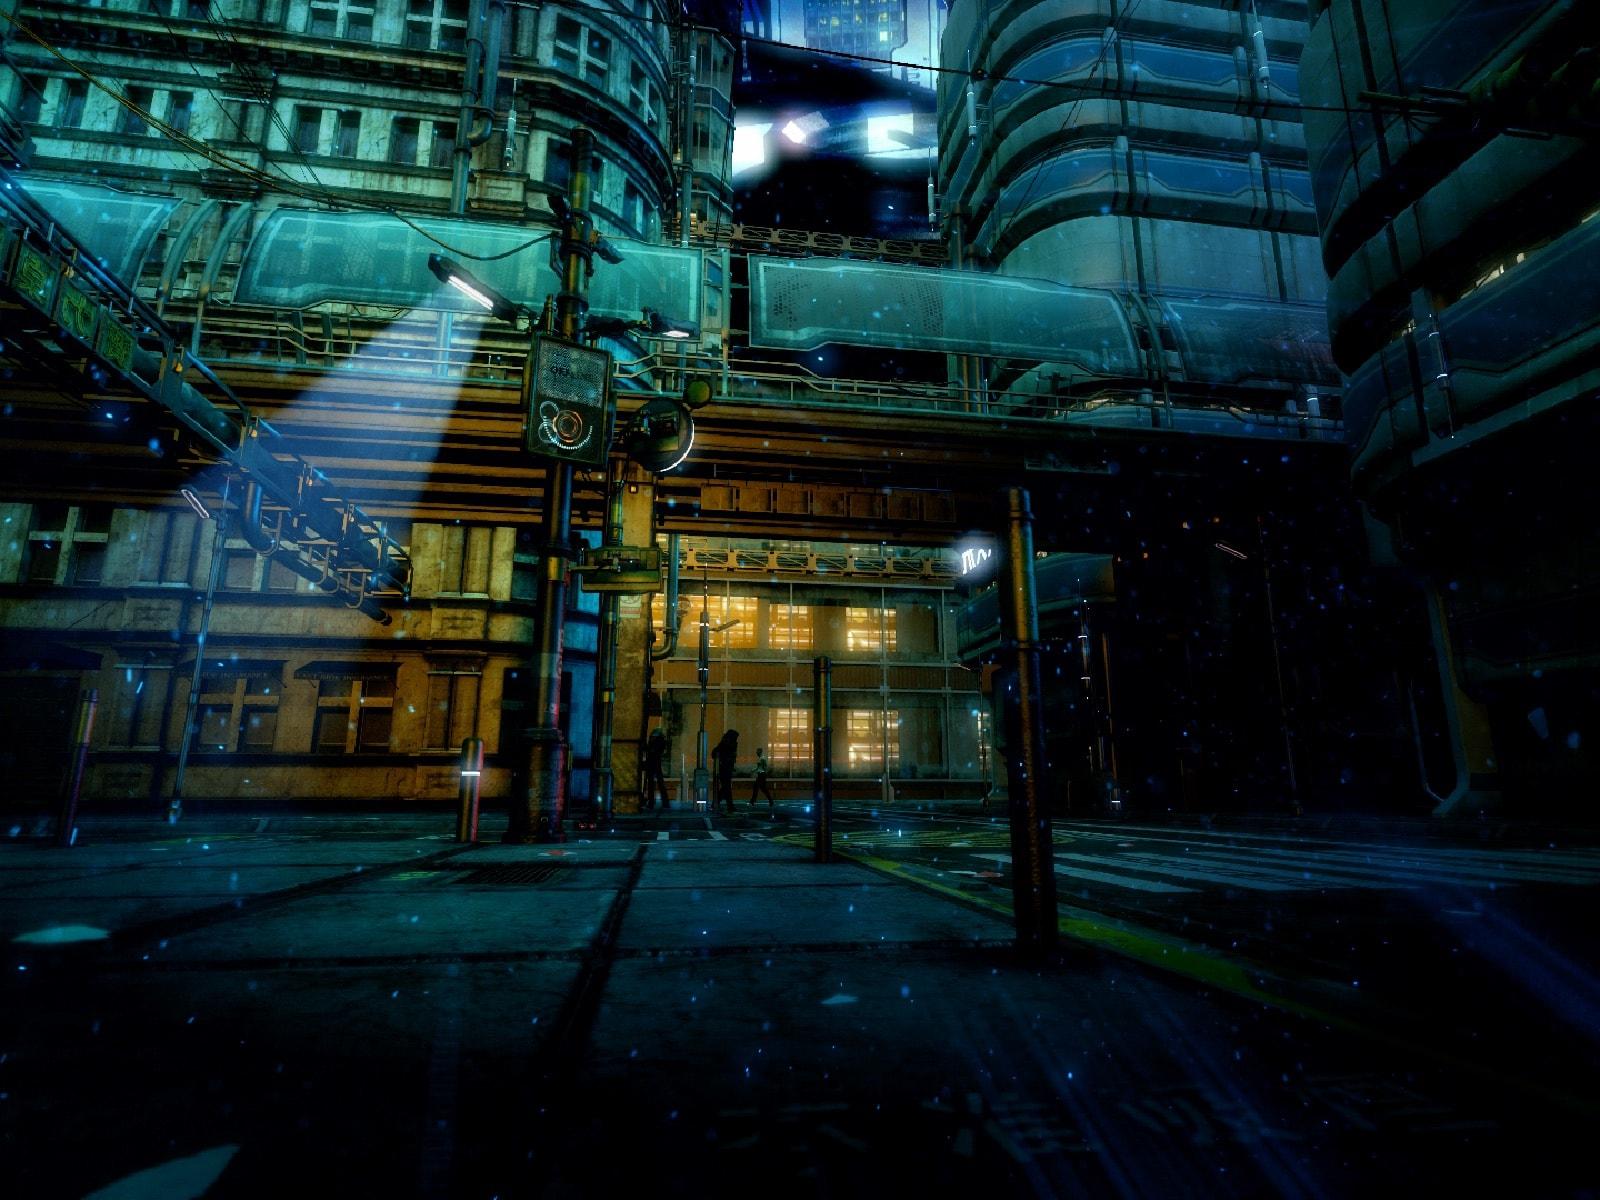 背景素材 サイバーパンクの世界観と街の外観の背景イラストを一部追加しました Digitalelf